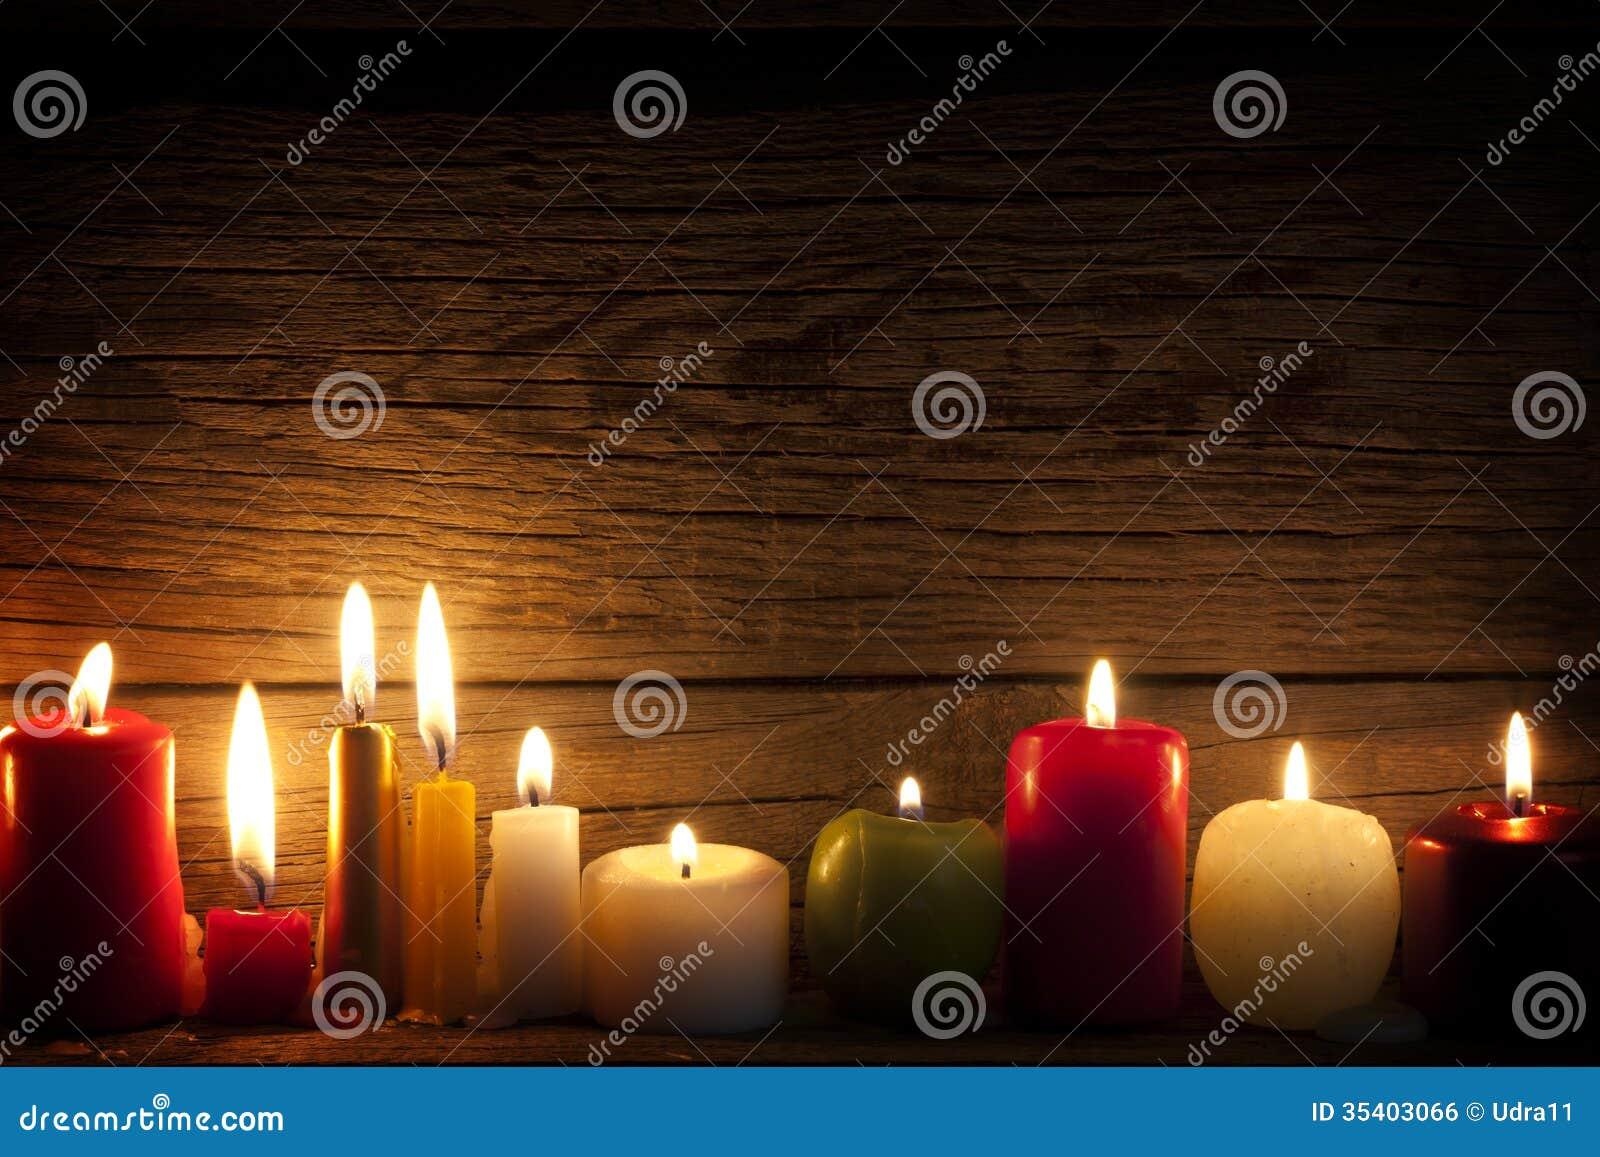 kerzen in der nacht in der weihnachtsstimmung stockfoto. Black Bedroom Furniture Sets. Home Design Ideas